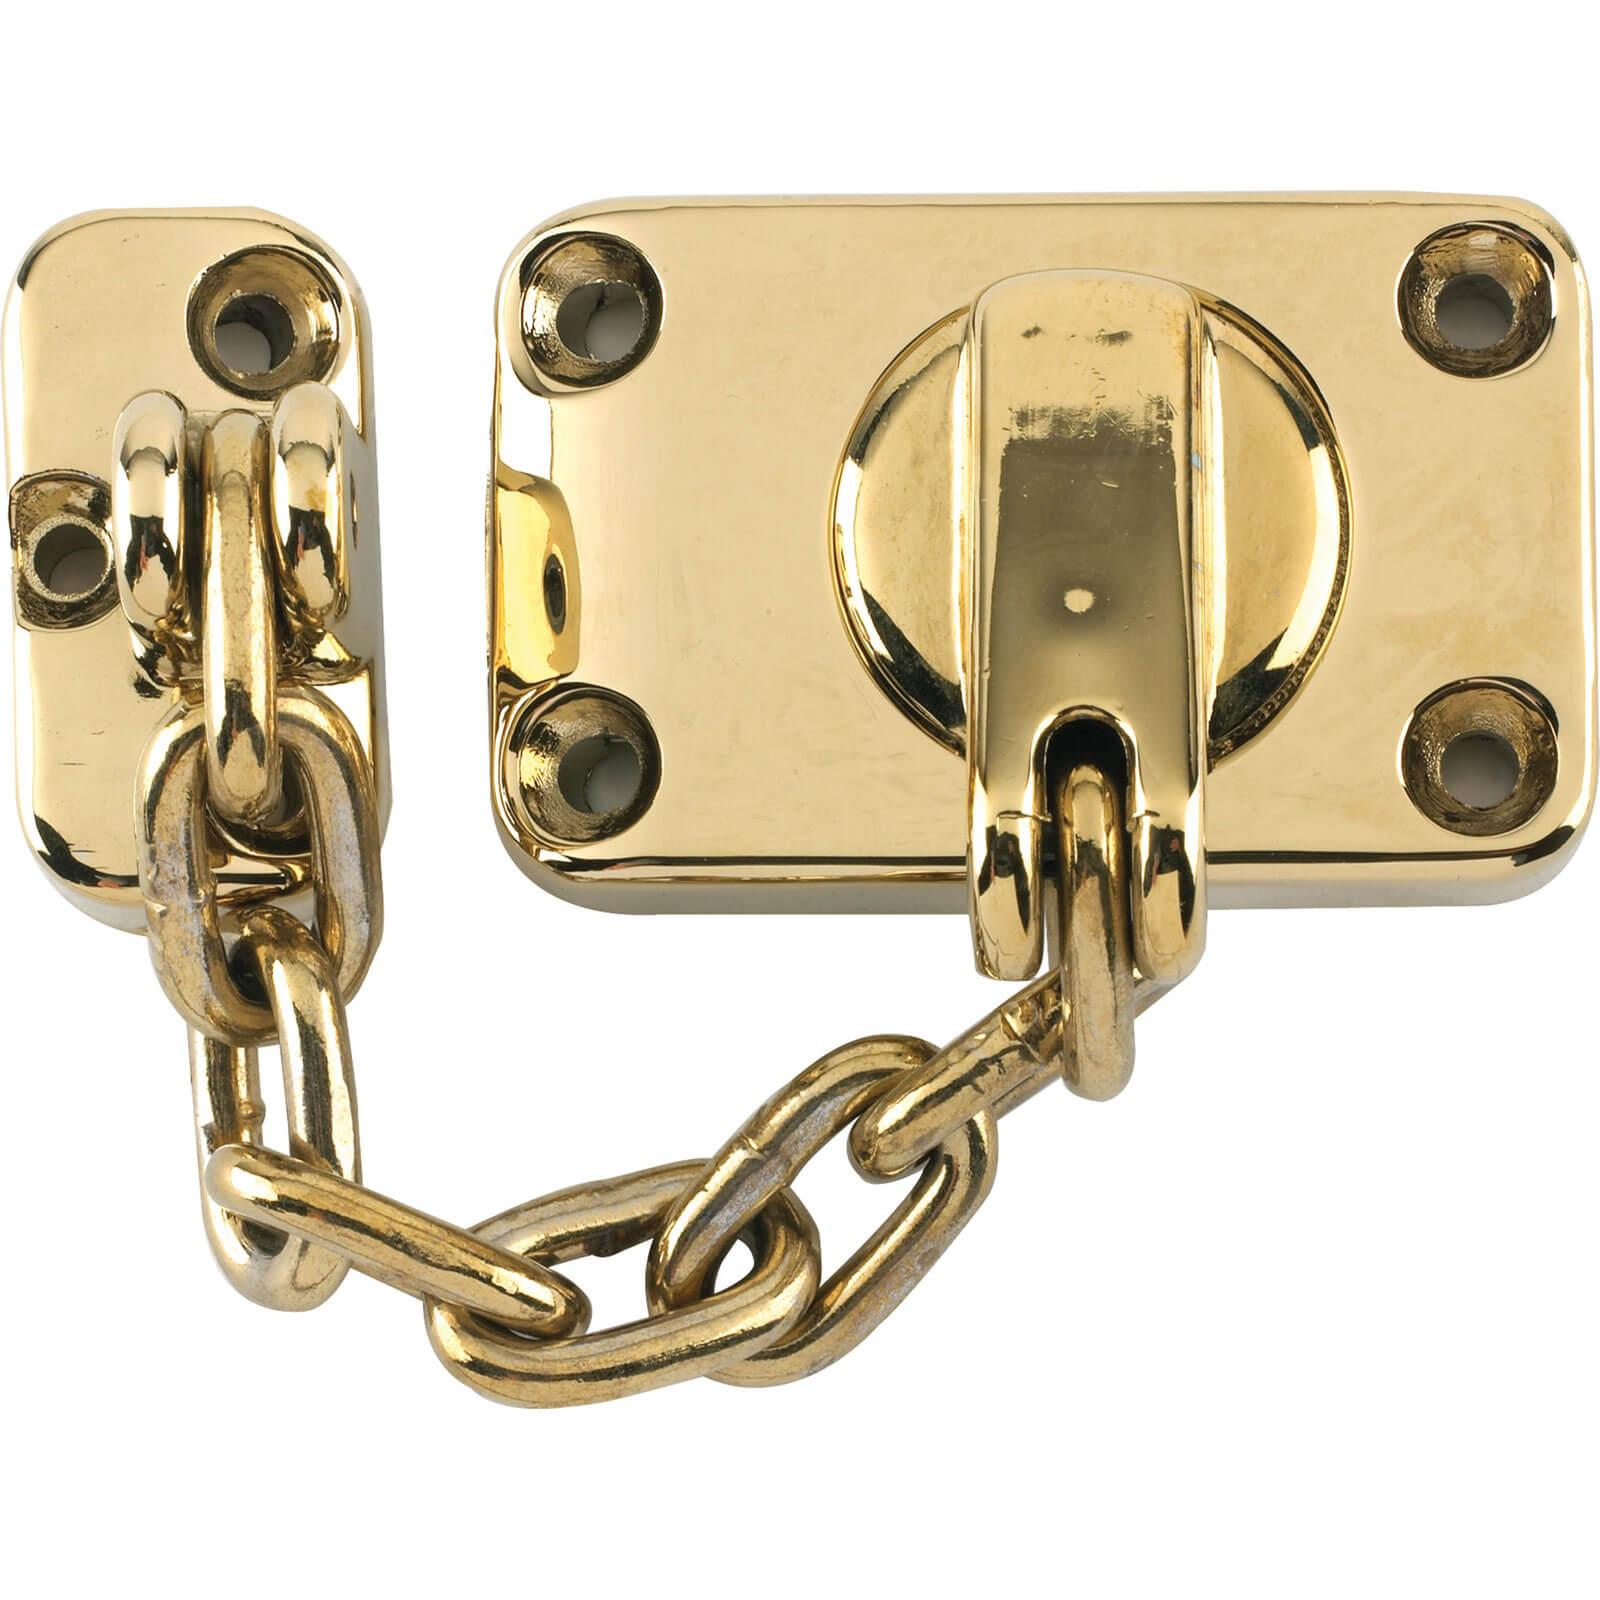 Door security furniture yale locks pm444 door security for Door yale lock